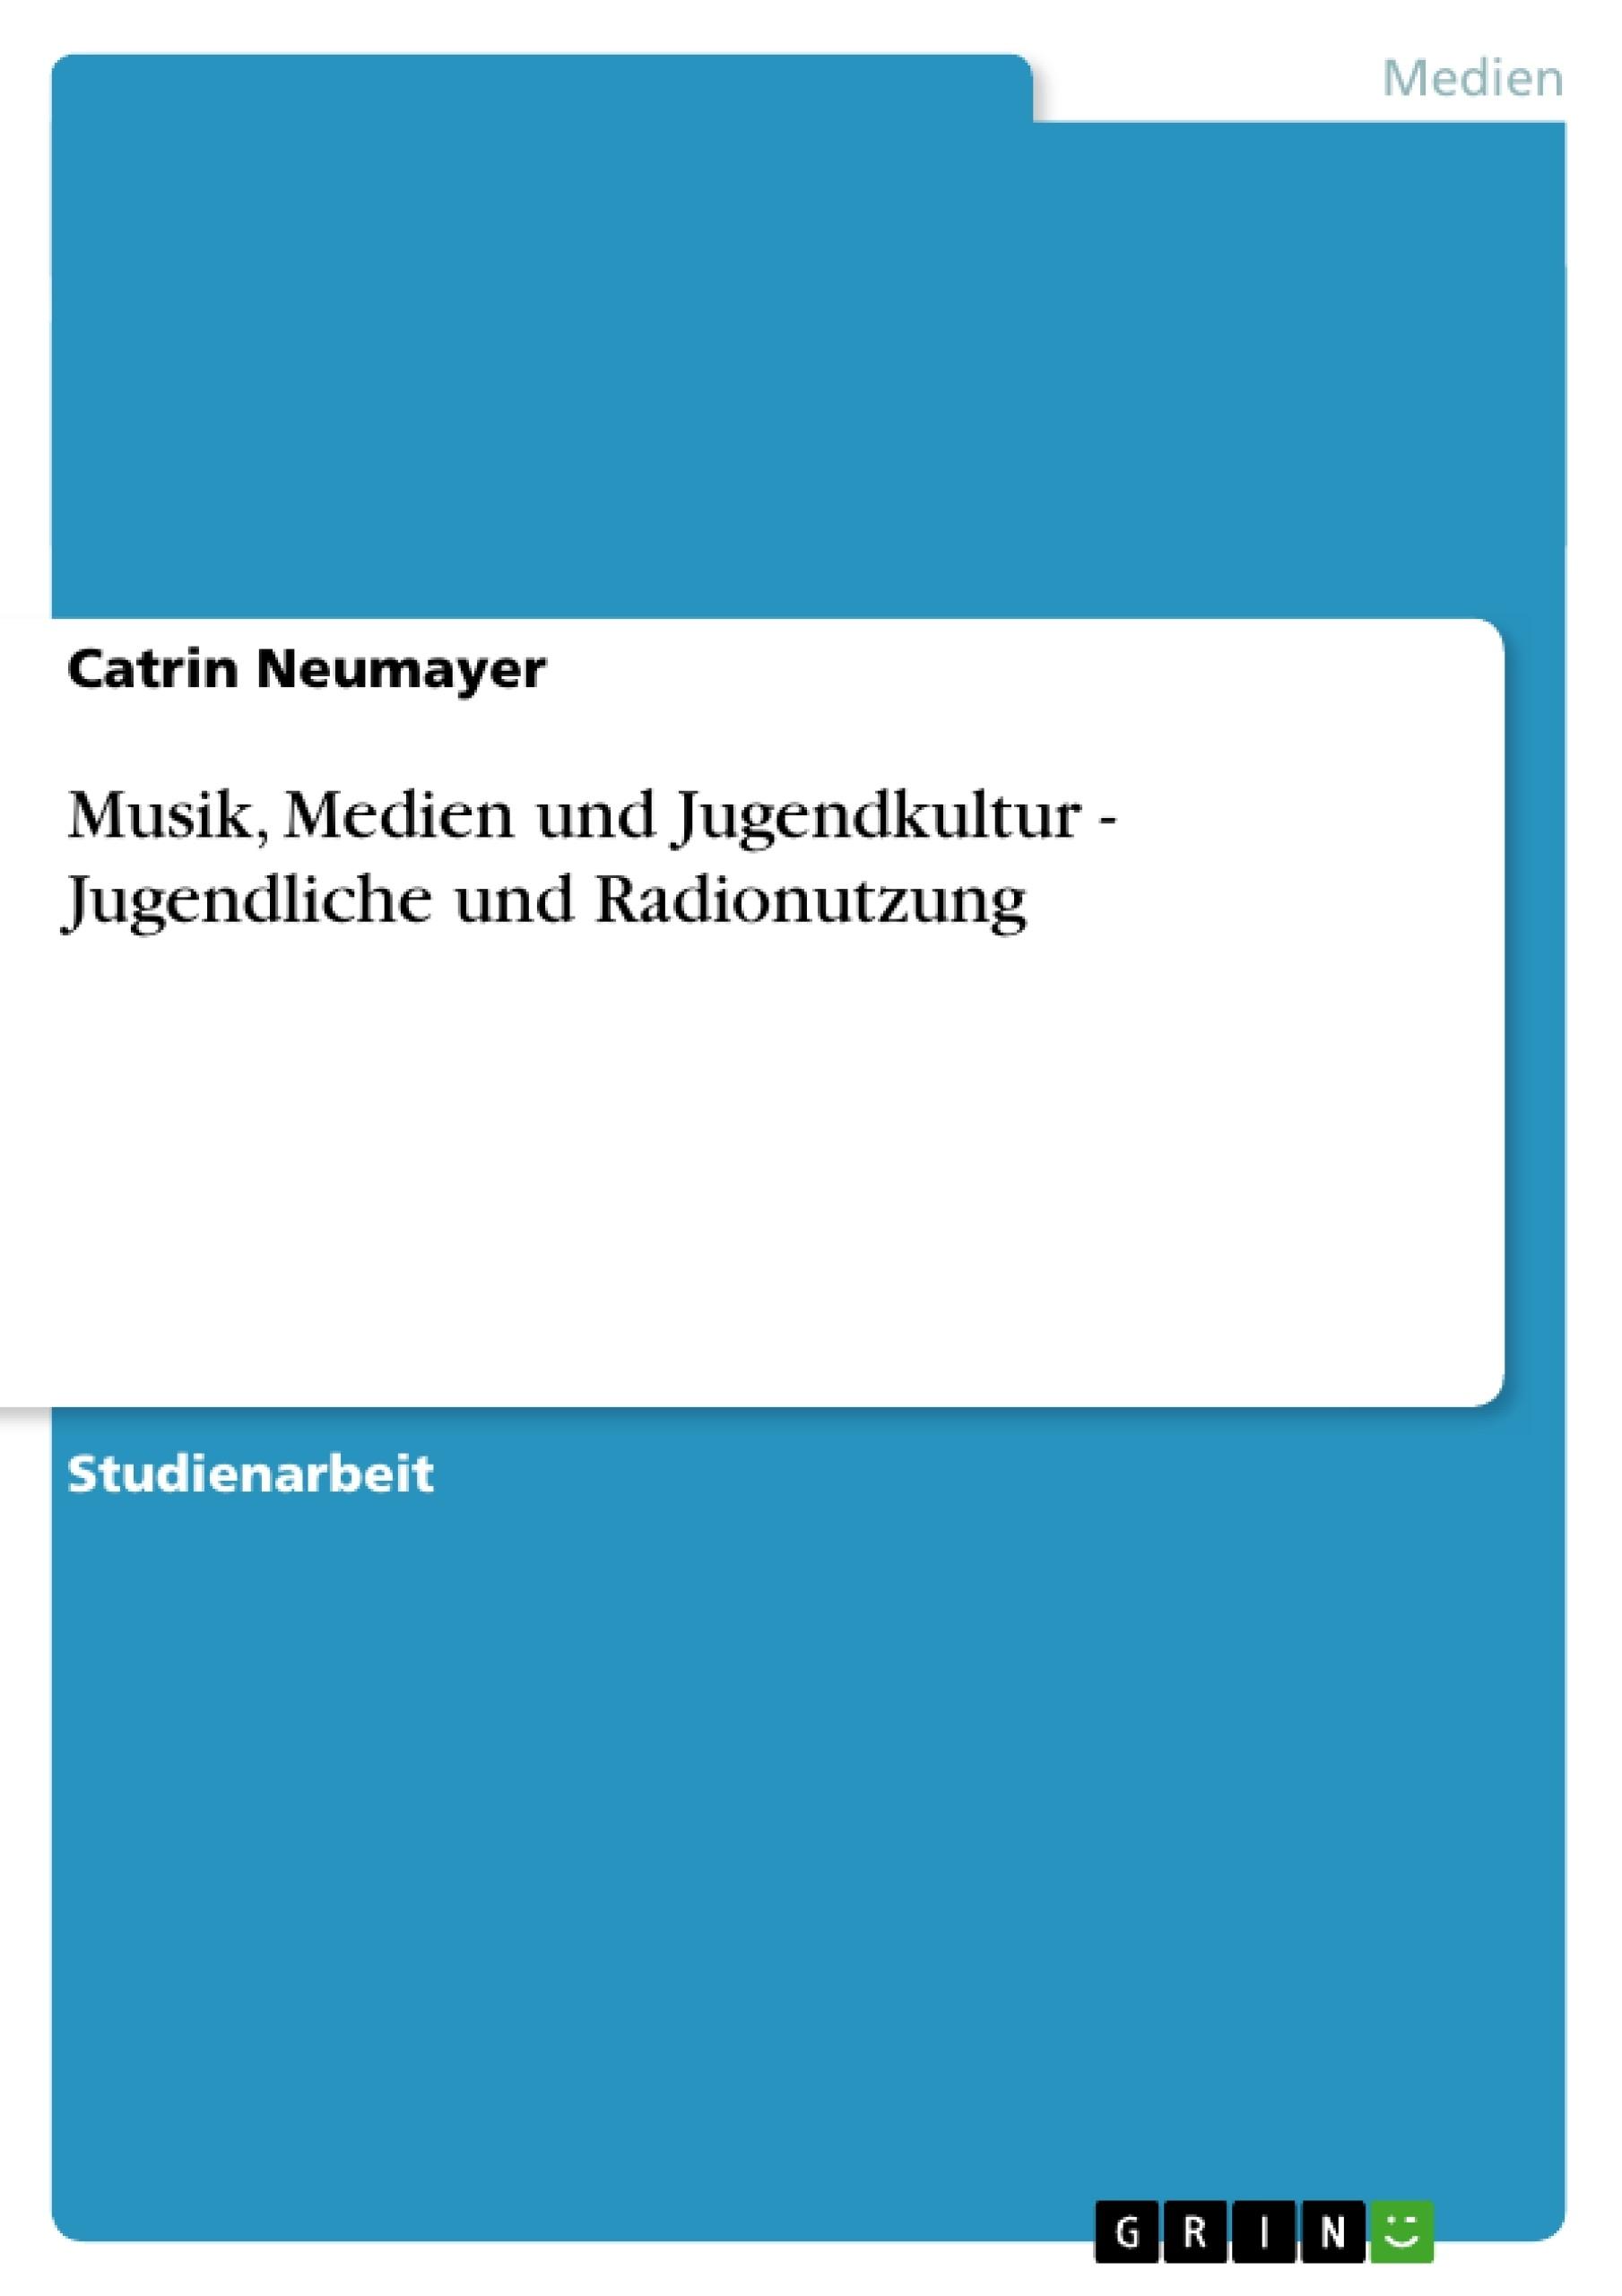 Titel: Musik, Medien und Jugendkultur - Jugendliche und Radionutzung